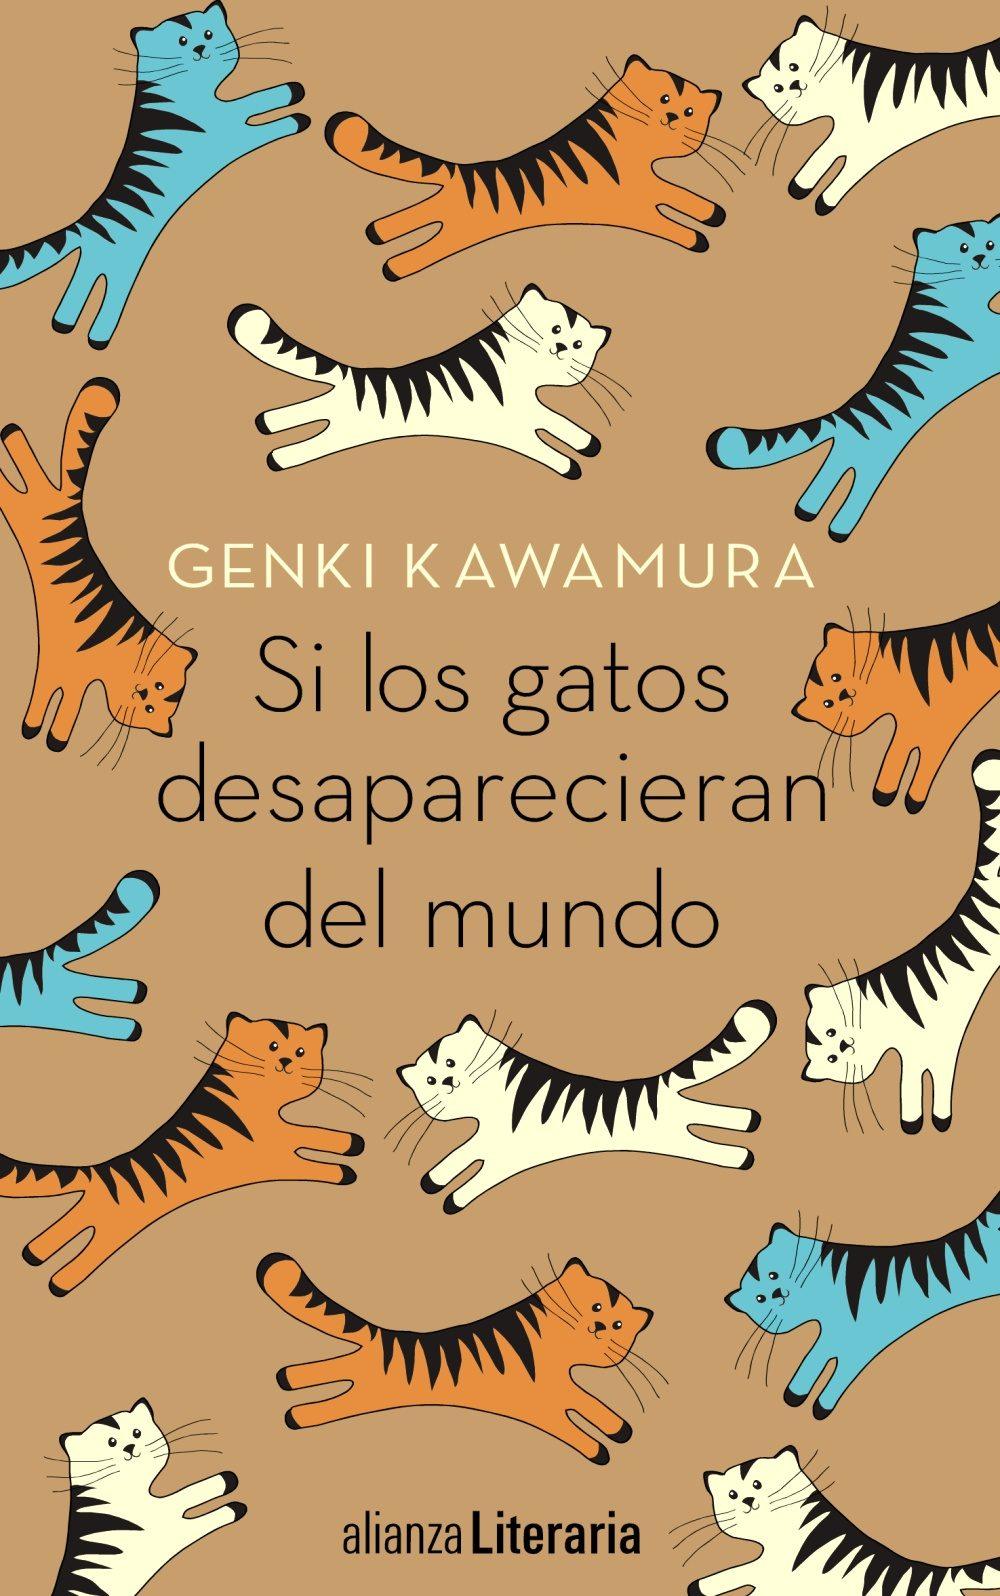 Si los gatos desaparecieran del mundo (Genki Kawamura, 2017)